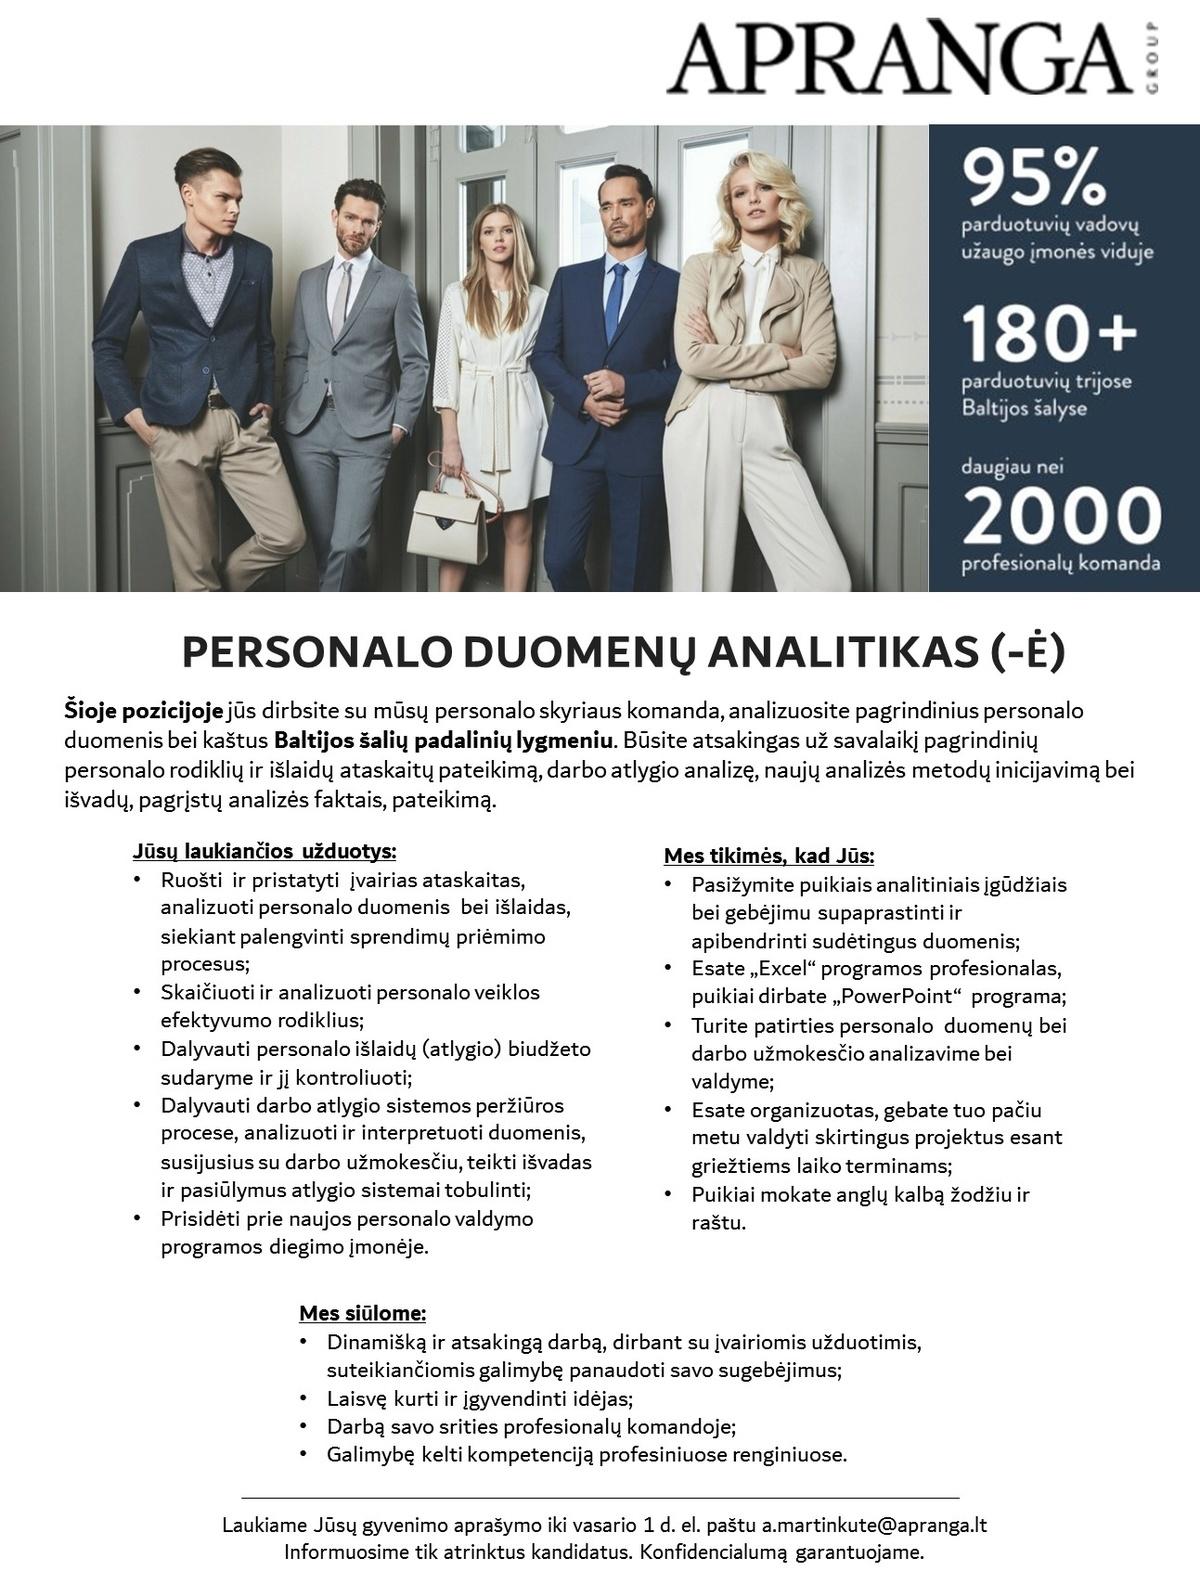 analitikų prekybos sistemos)